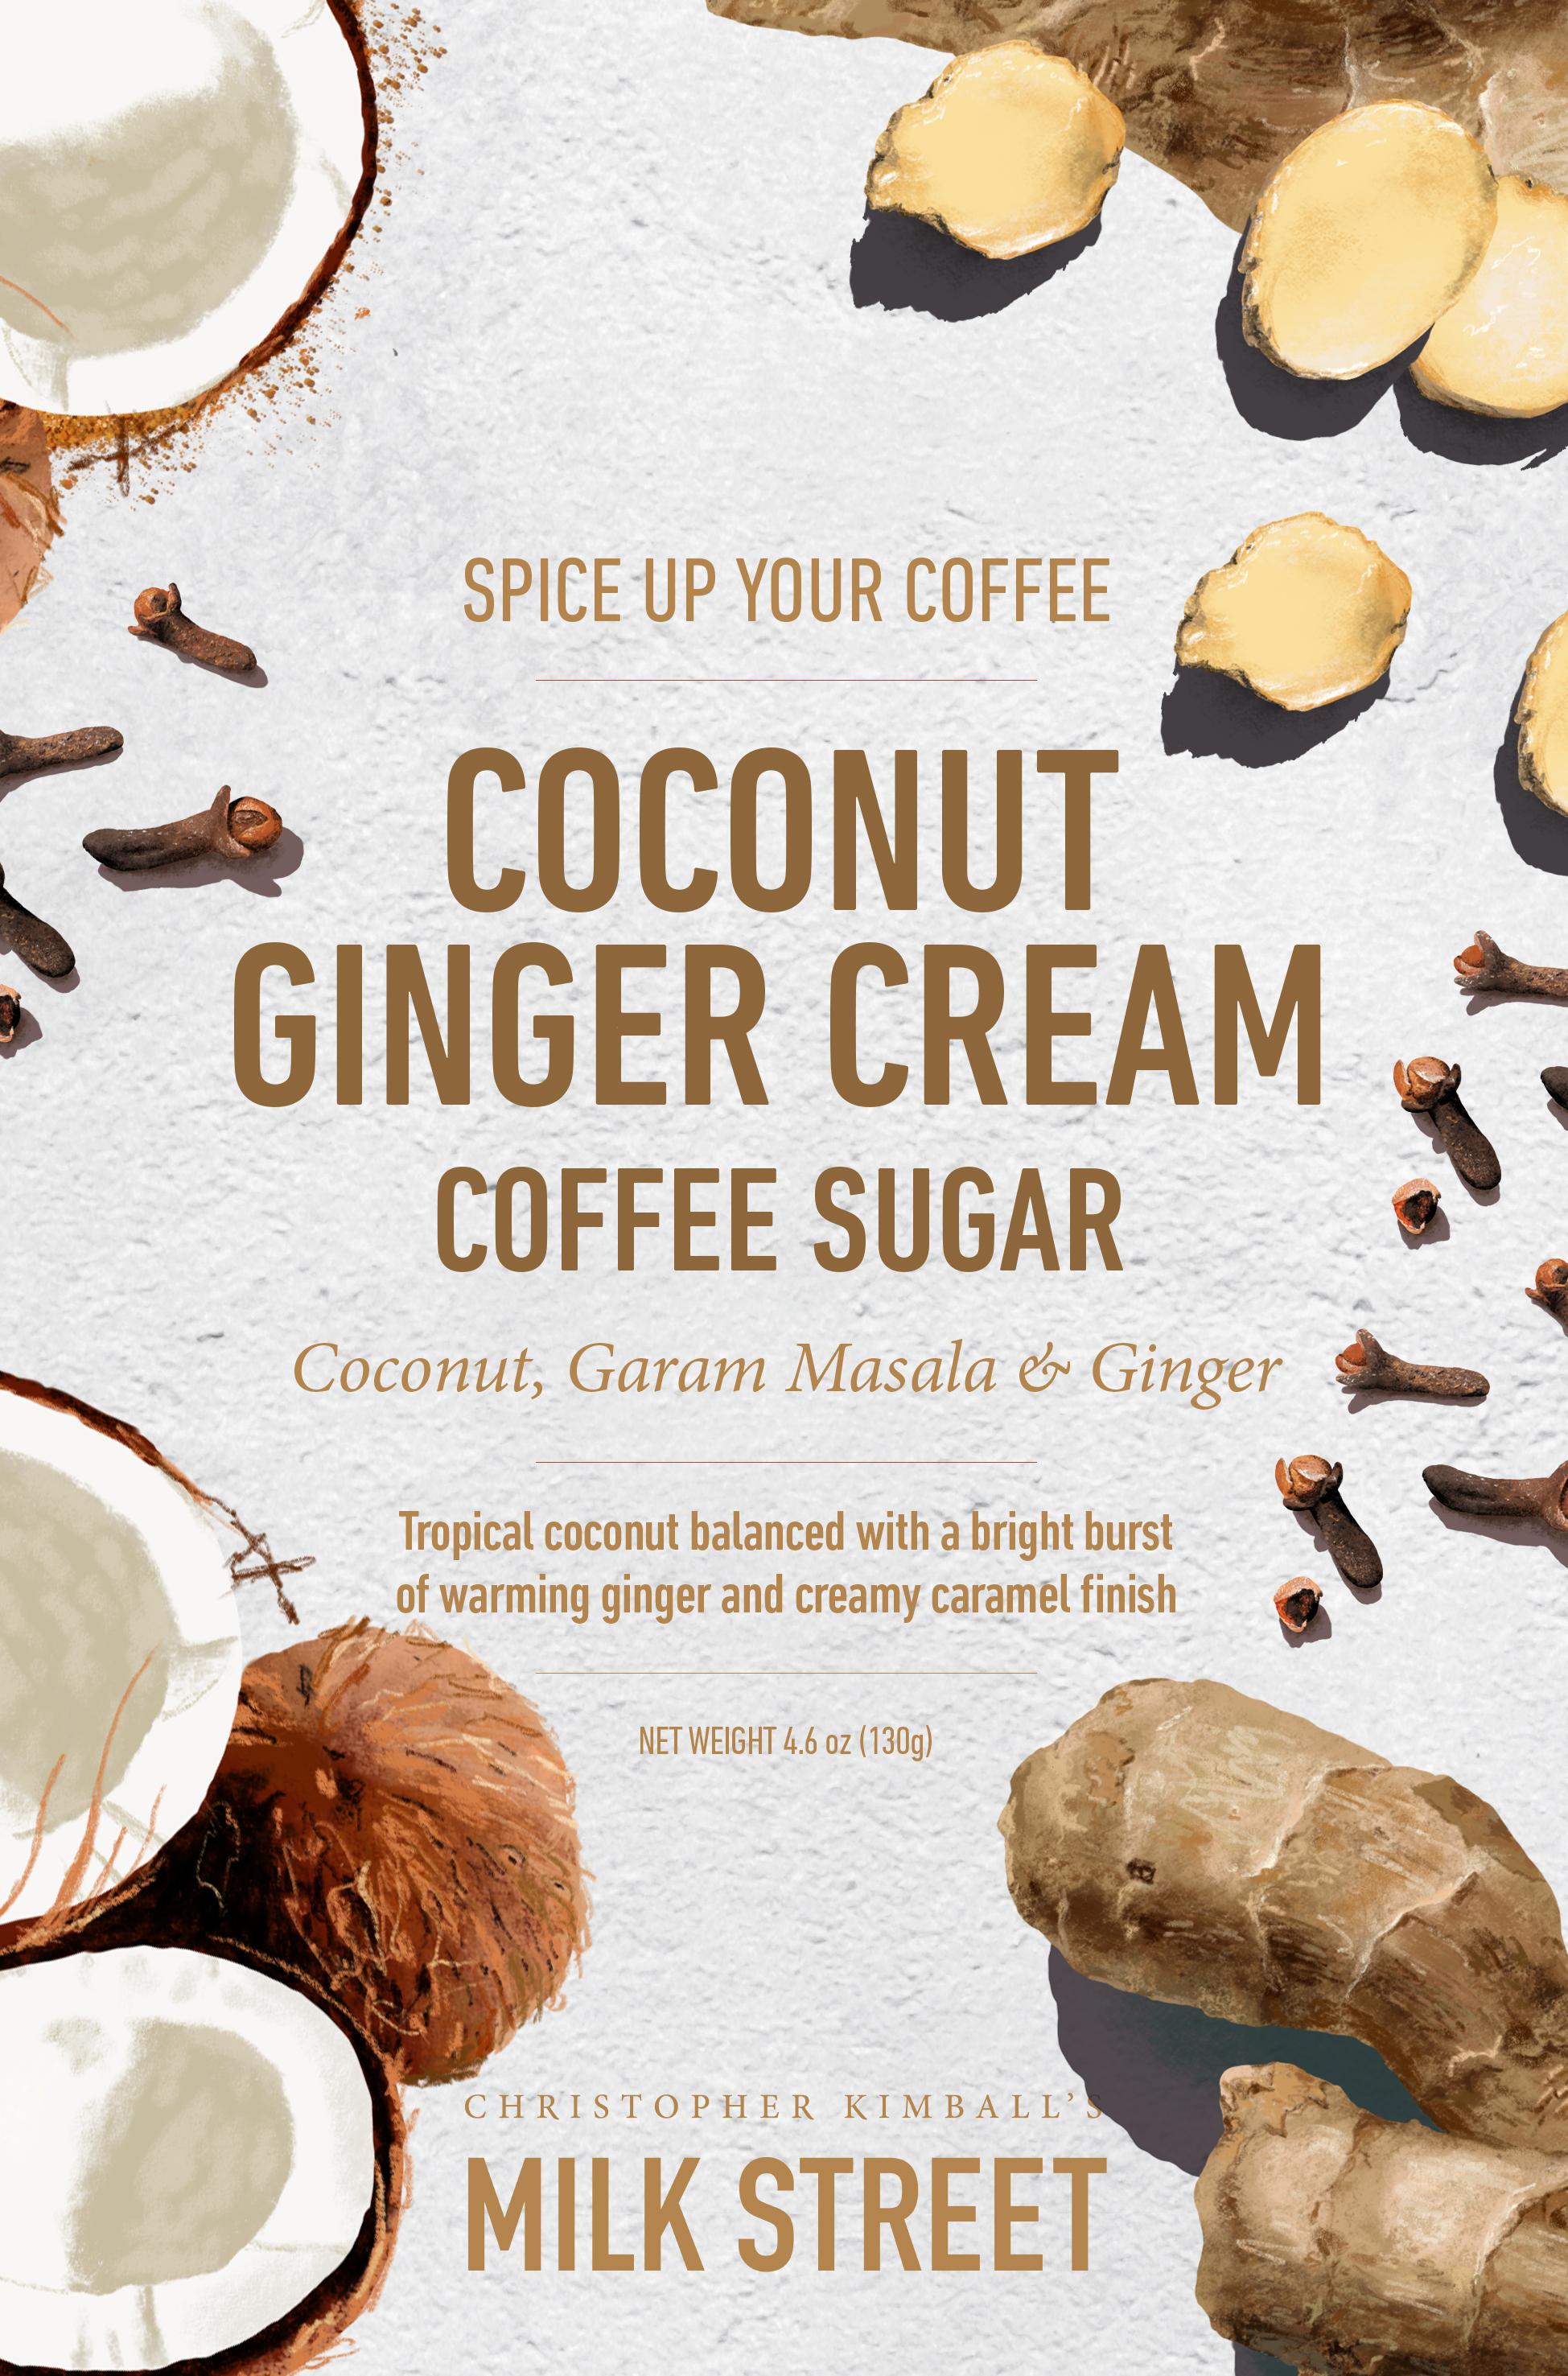 CoffeeSugar_Coconut.jpg